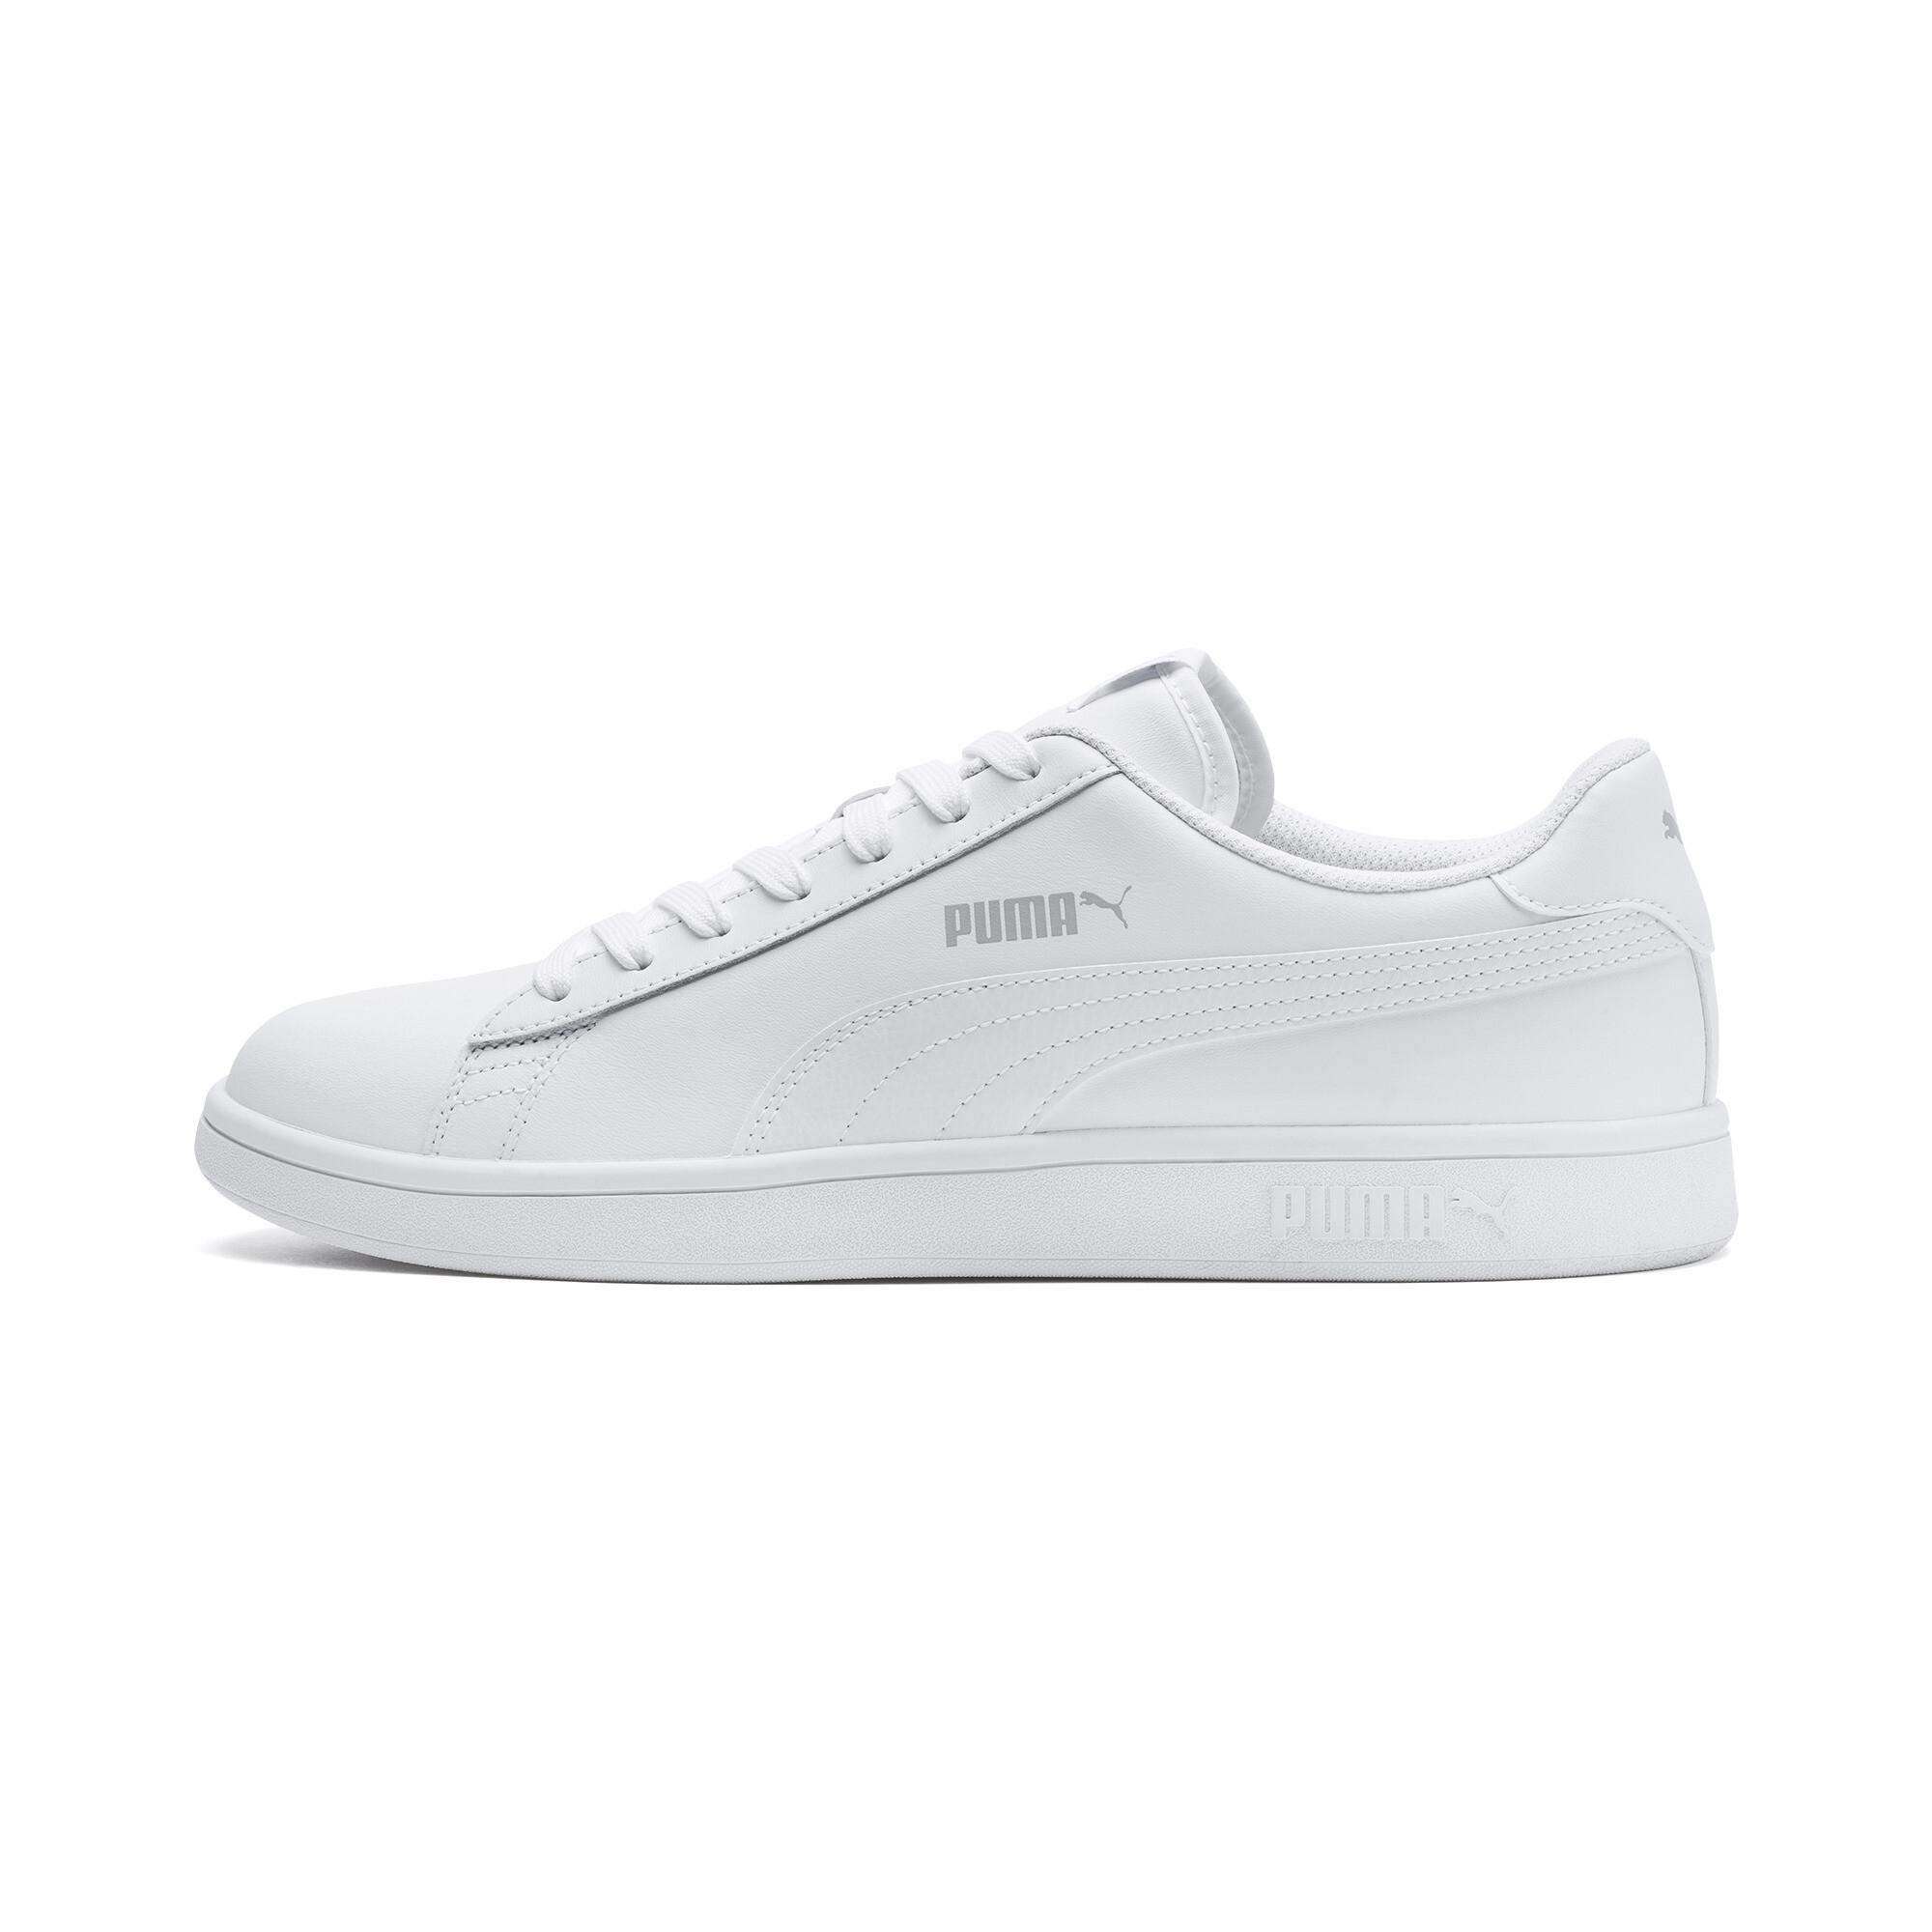 Puma White-Puma White